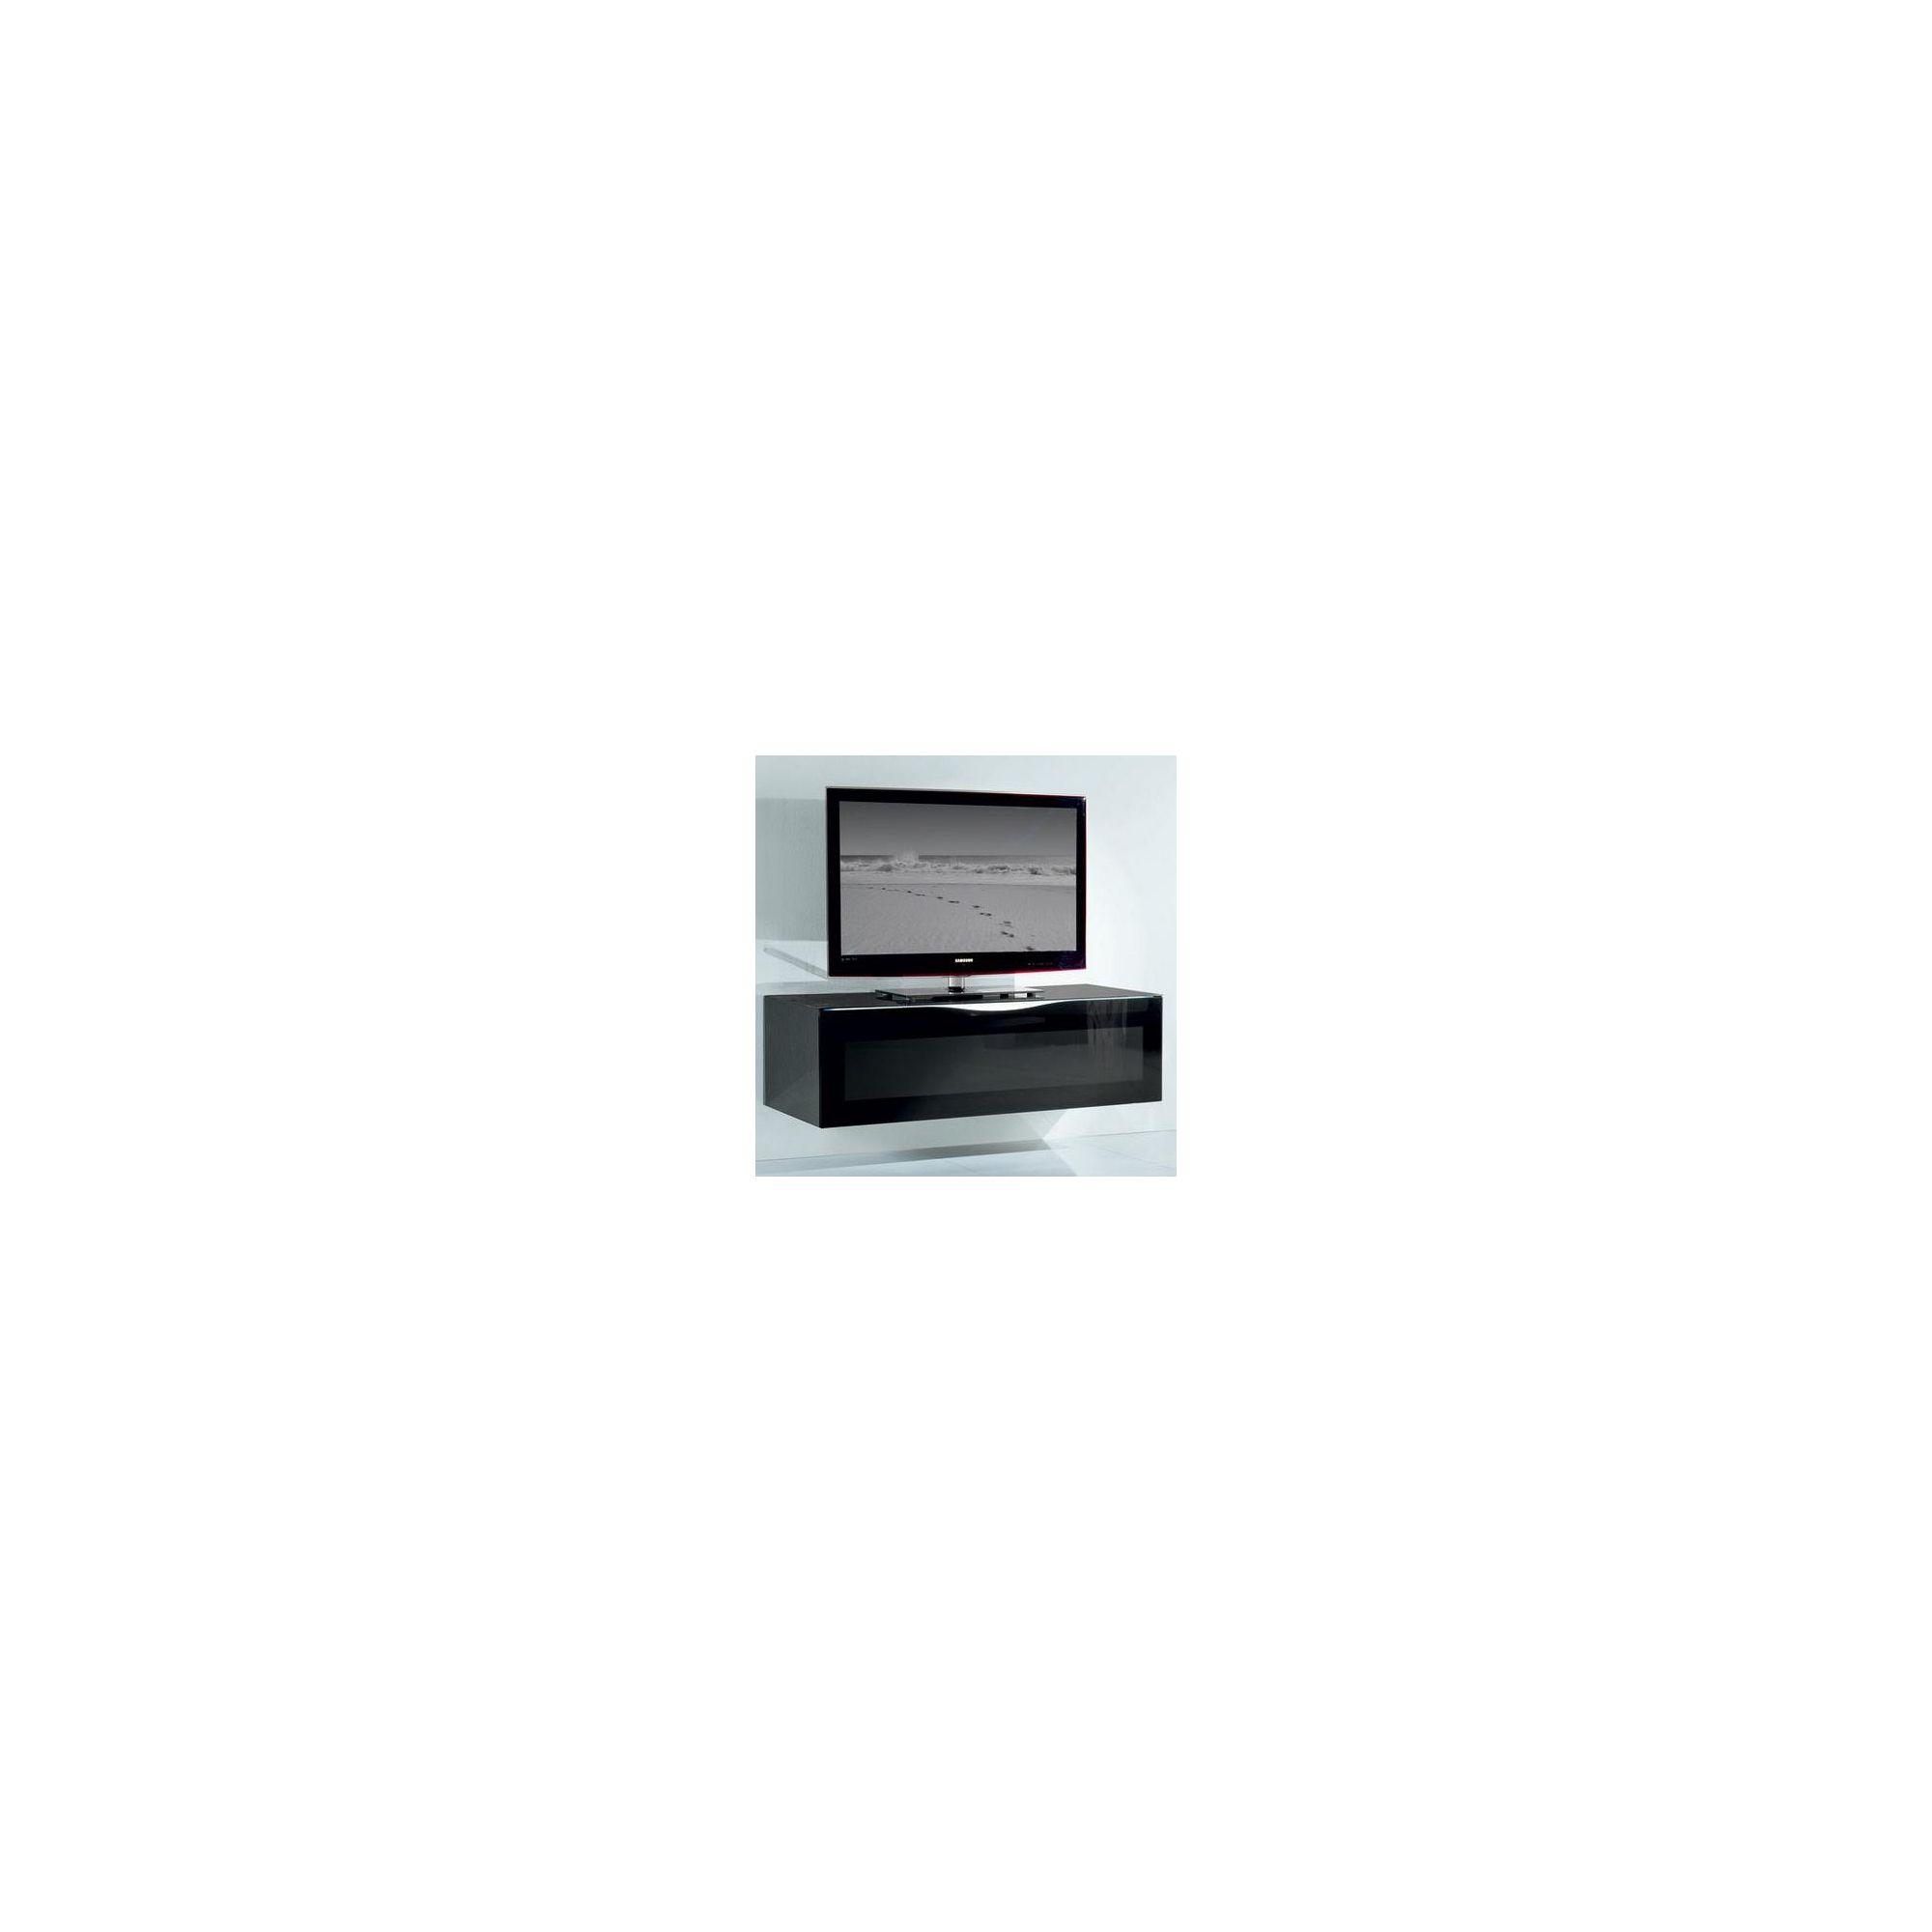 Triskom TV Cabinet - Black at Tesco Direct